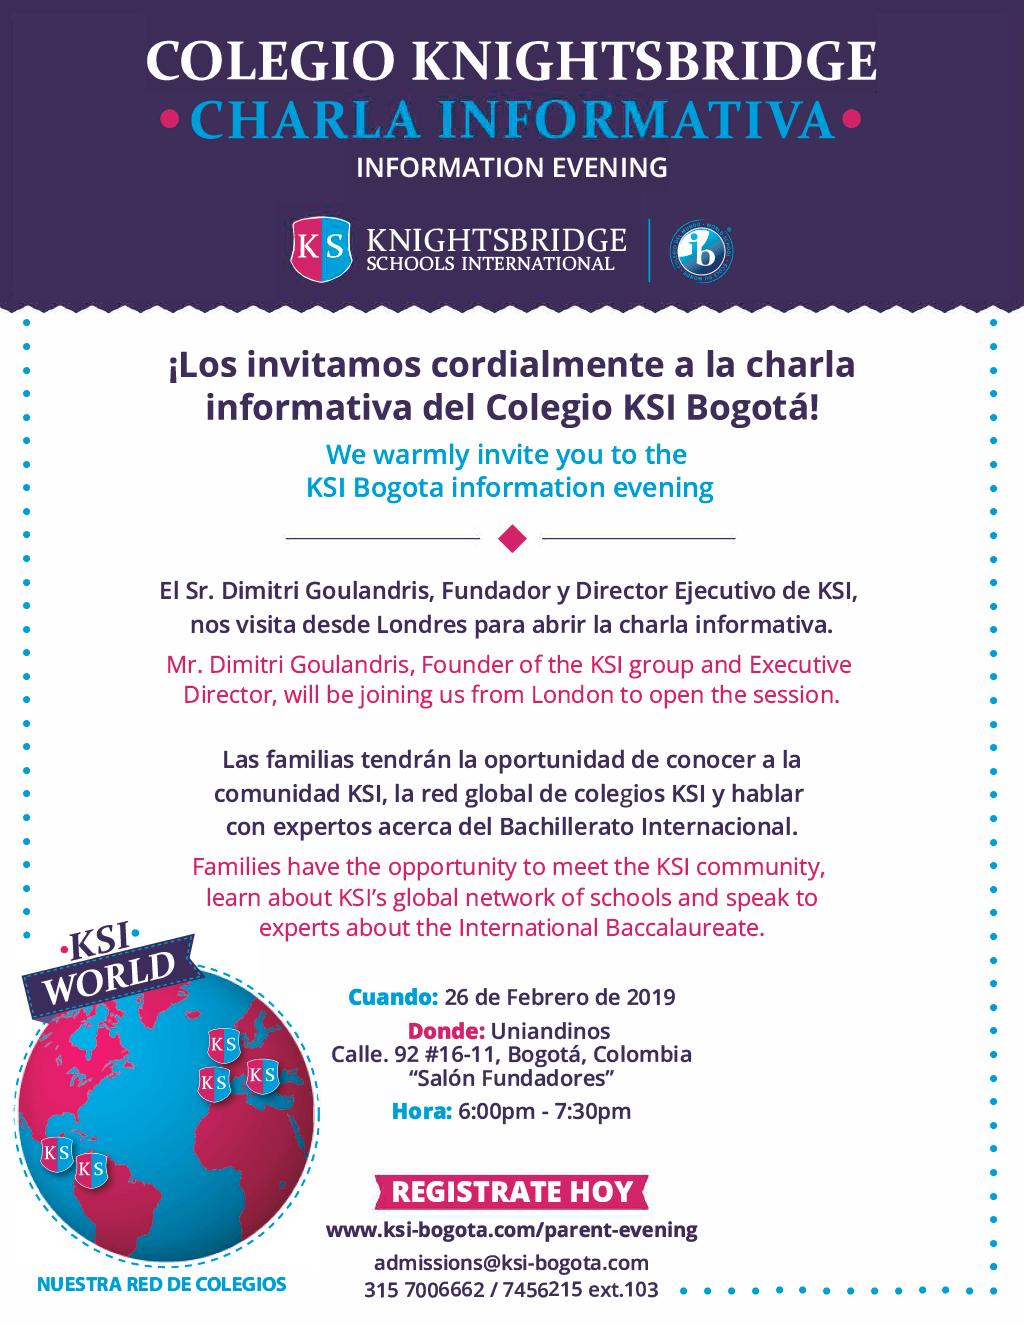 Knightsbridge Schools International KSI (Bogotá) - ¡AGENDATE ESTE 26 DE FEBRERO! Charla informativa dirigida por Sr Dimitri Goulandris acompañado por expertos que hablaran del bachillerato internacional